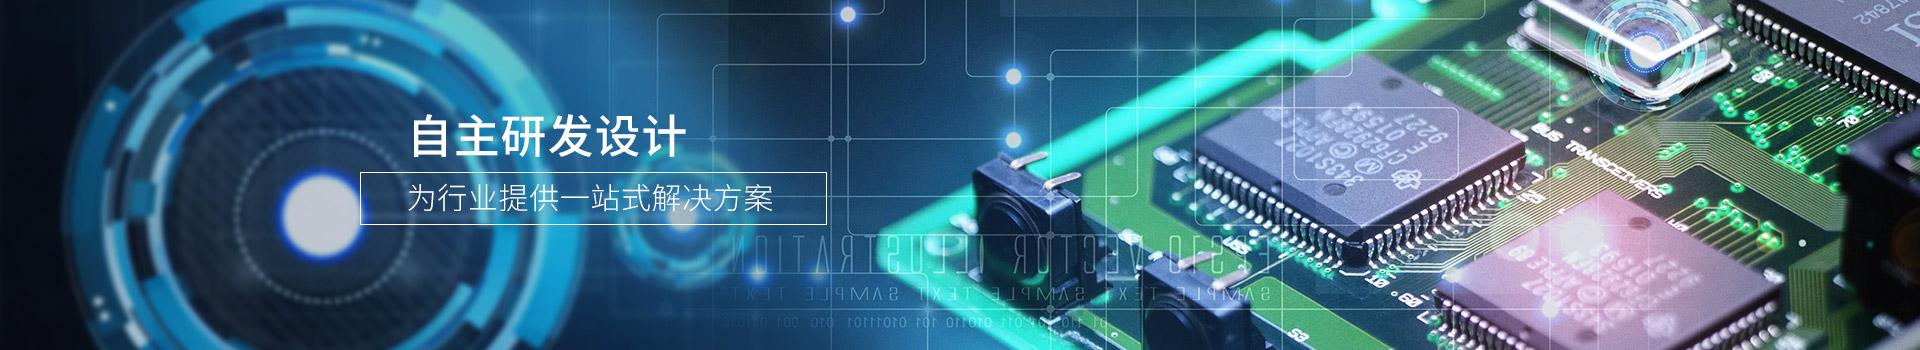 致诚达-自主研发设计,为行业提供电机控制方案